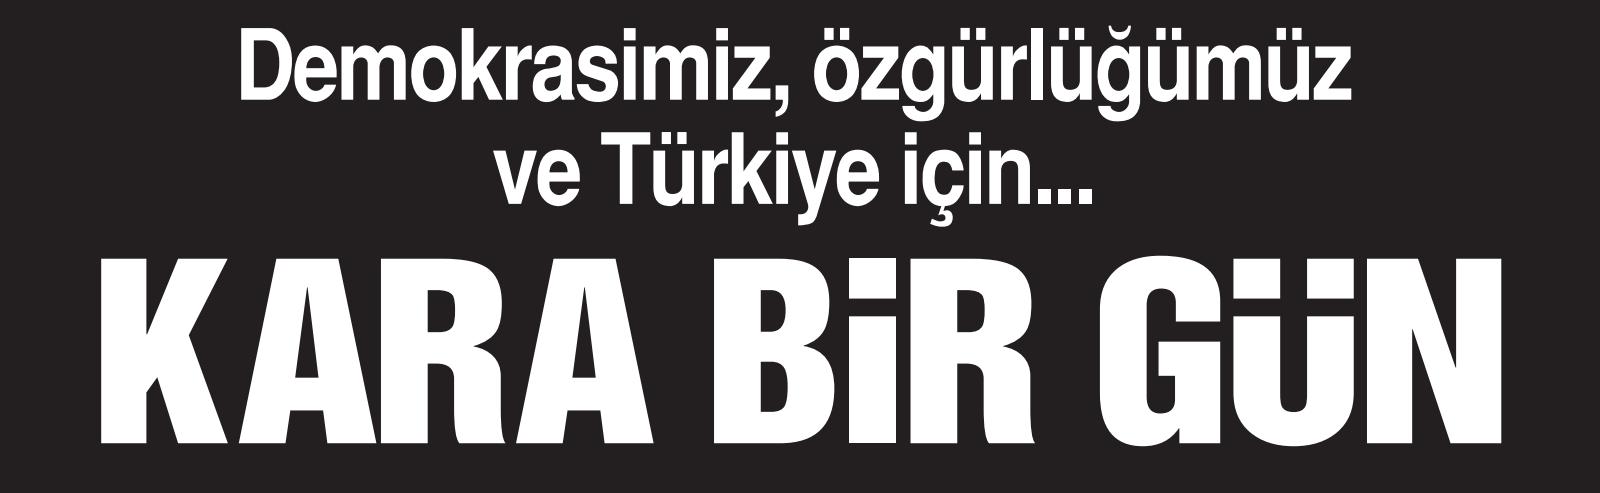 Kanaltürk ve Bugün TV nin yönetimine atanan kayyumlar, Kanaltürkte yayın akışını değiştirdi. Canlı yayınları zorla durduruldu tarihte bugün